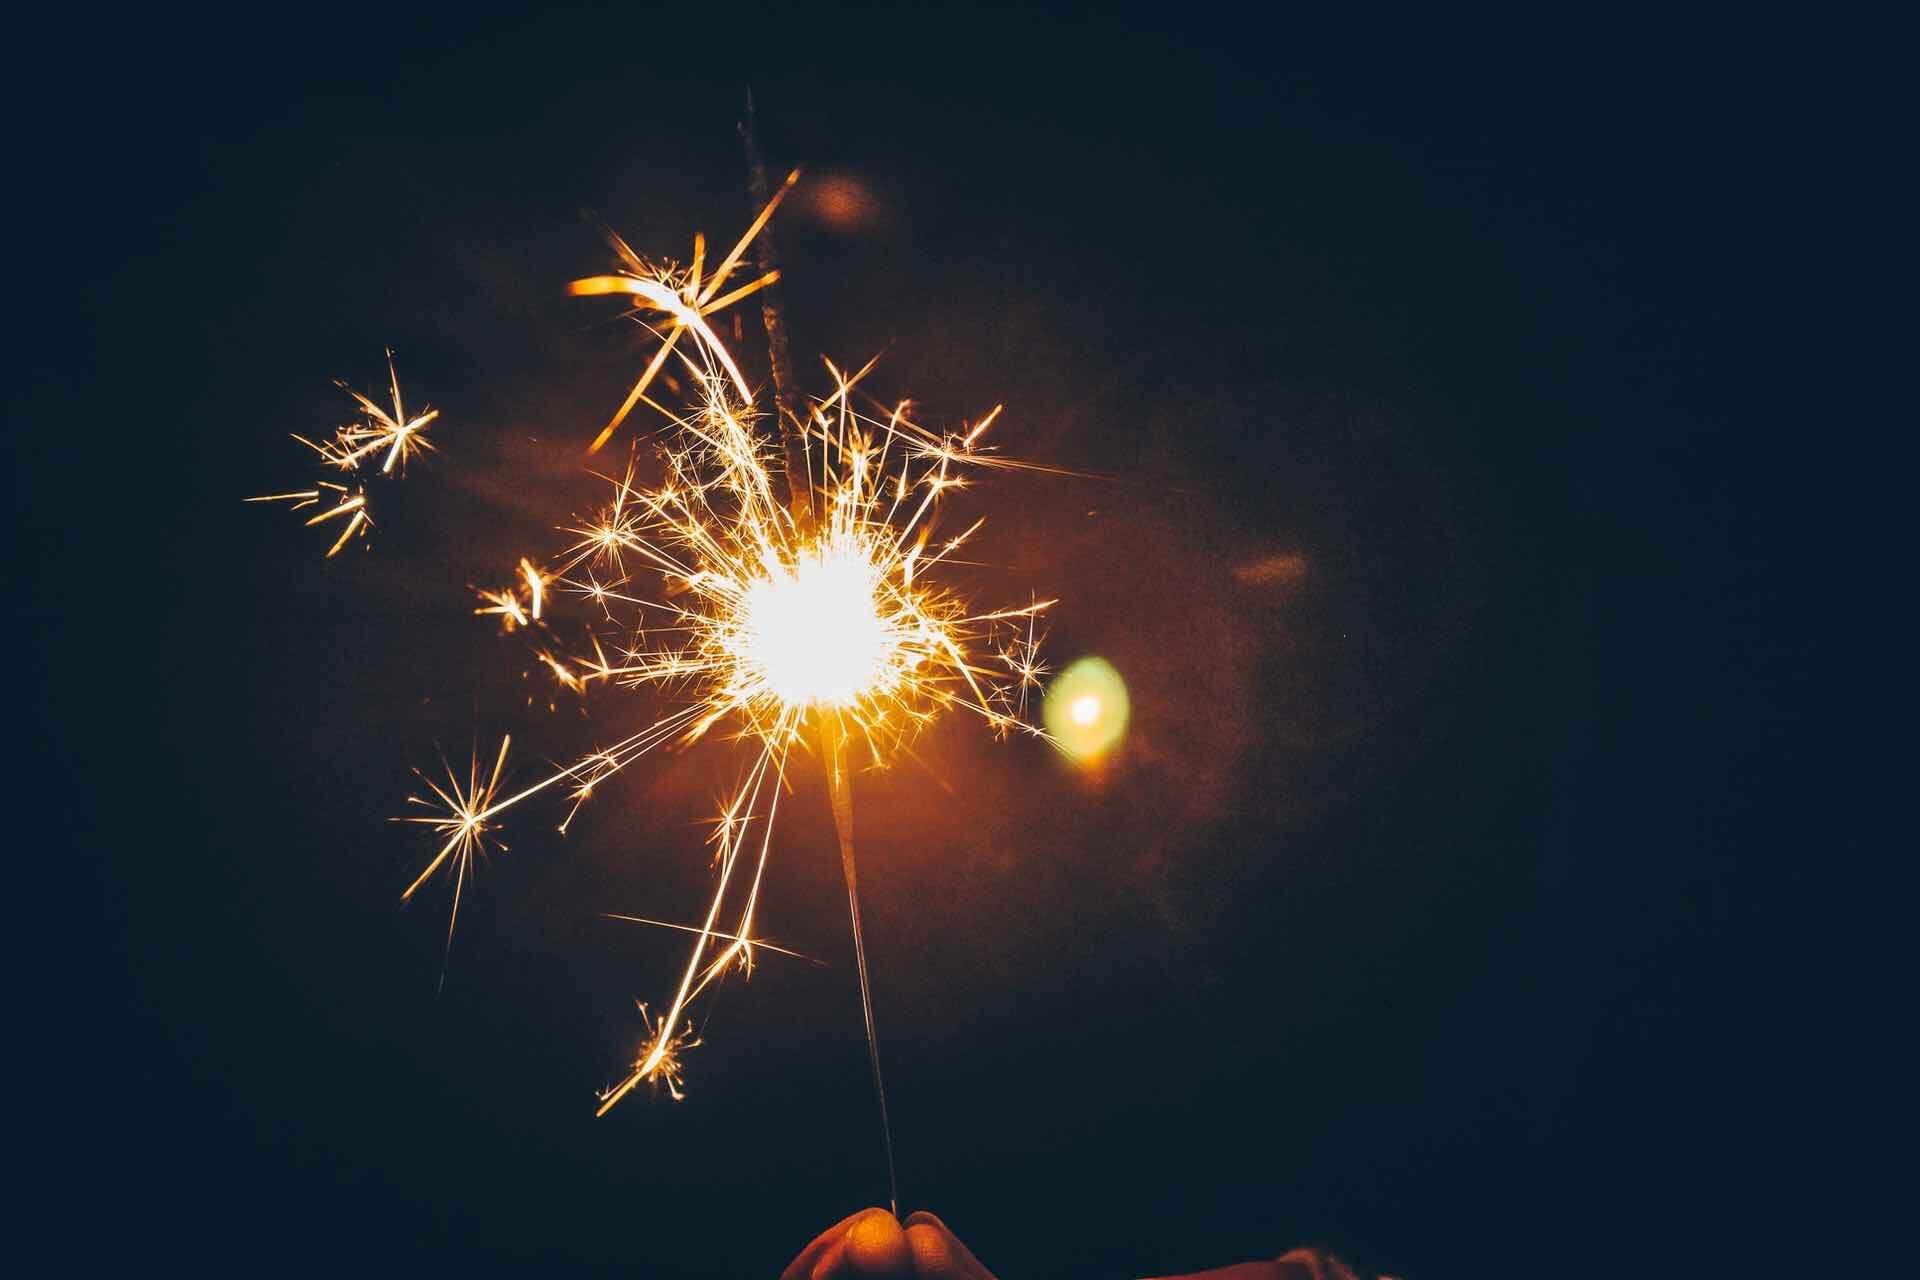 célébration fierté confetti étincelle